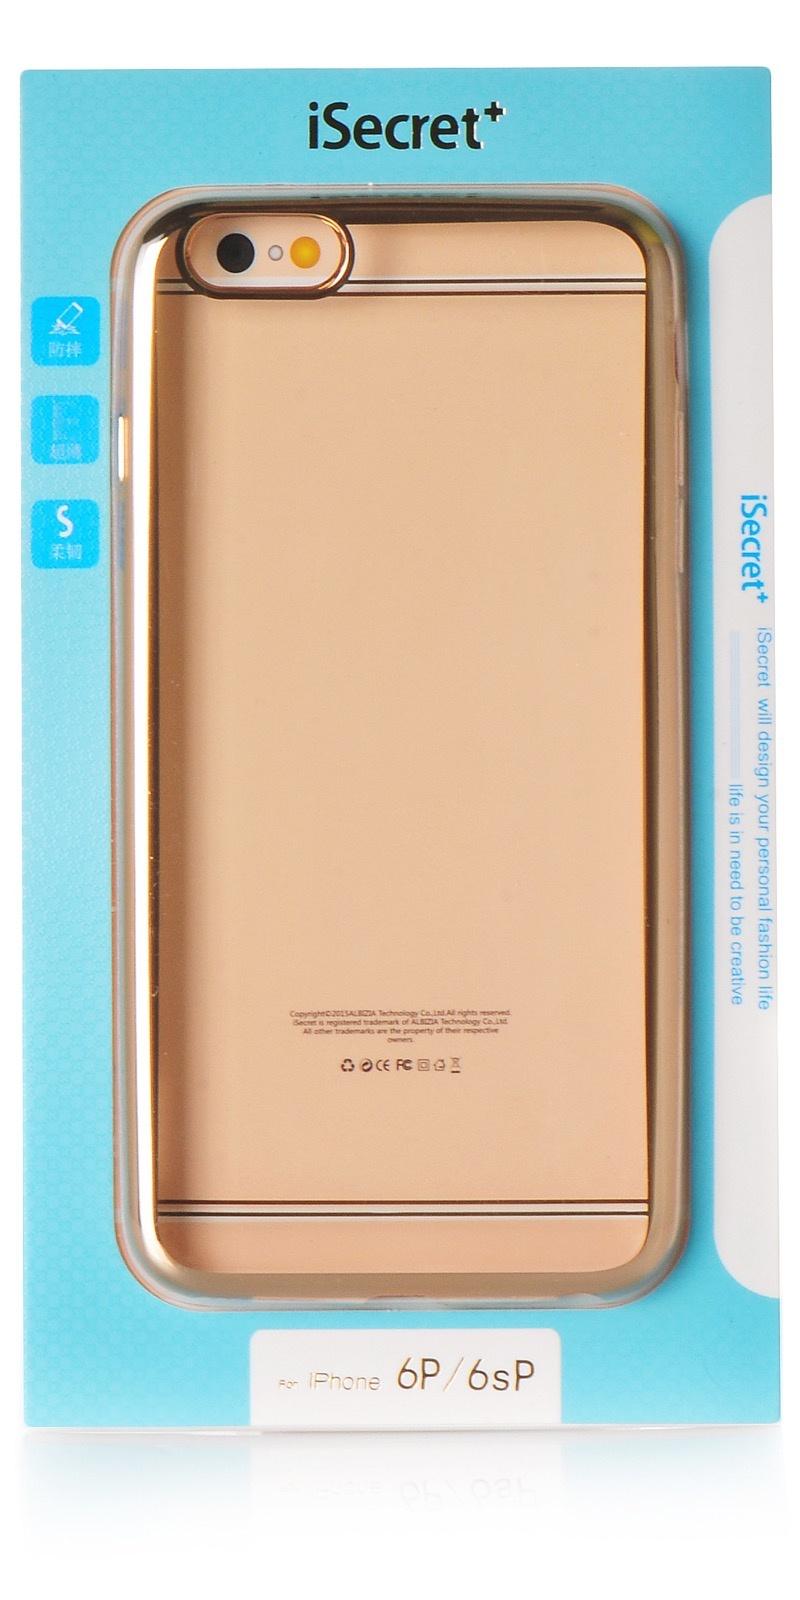 """Чехол для сотового телефона iSecret накладка силикон gold для Apple iPhone 6 Plus/6S Plus 5.5"""", золотой, прозрачный"""